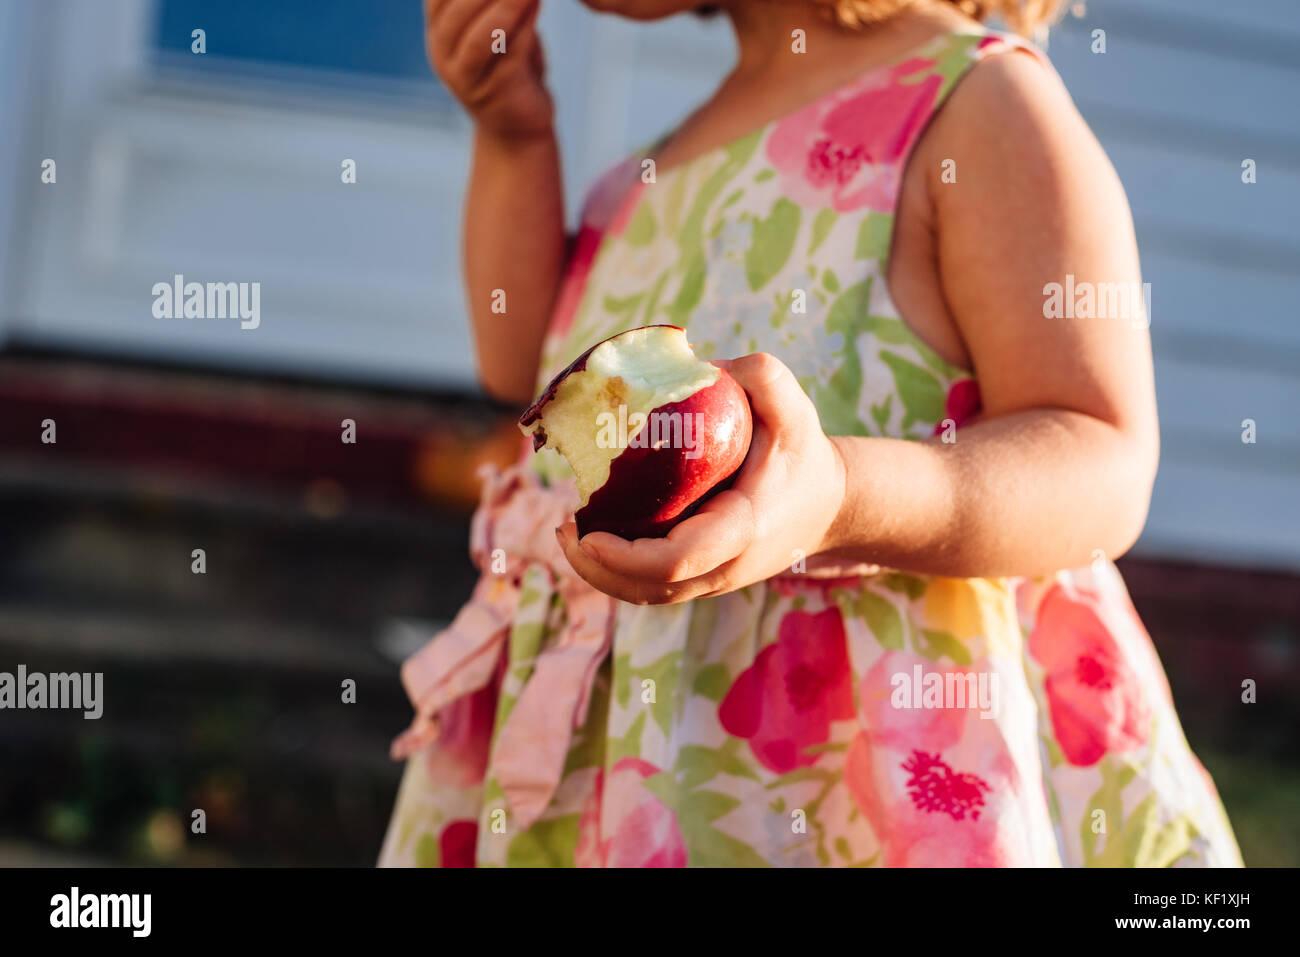 2-3 años sosteniendo la mitad comido apple. Imagen De Stock